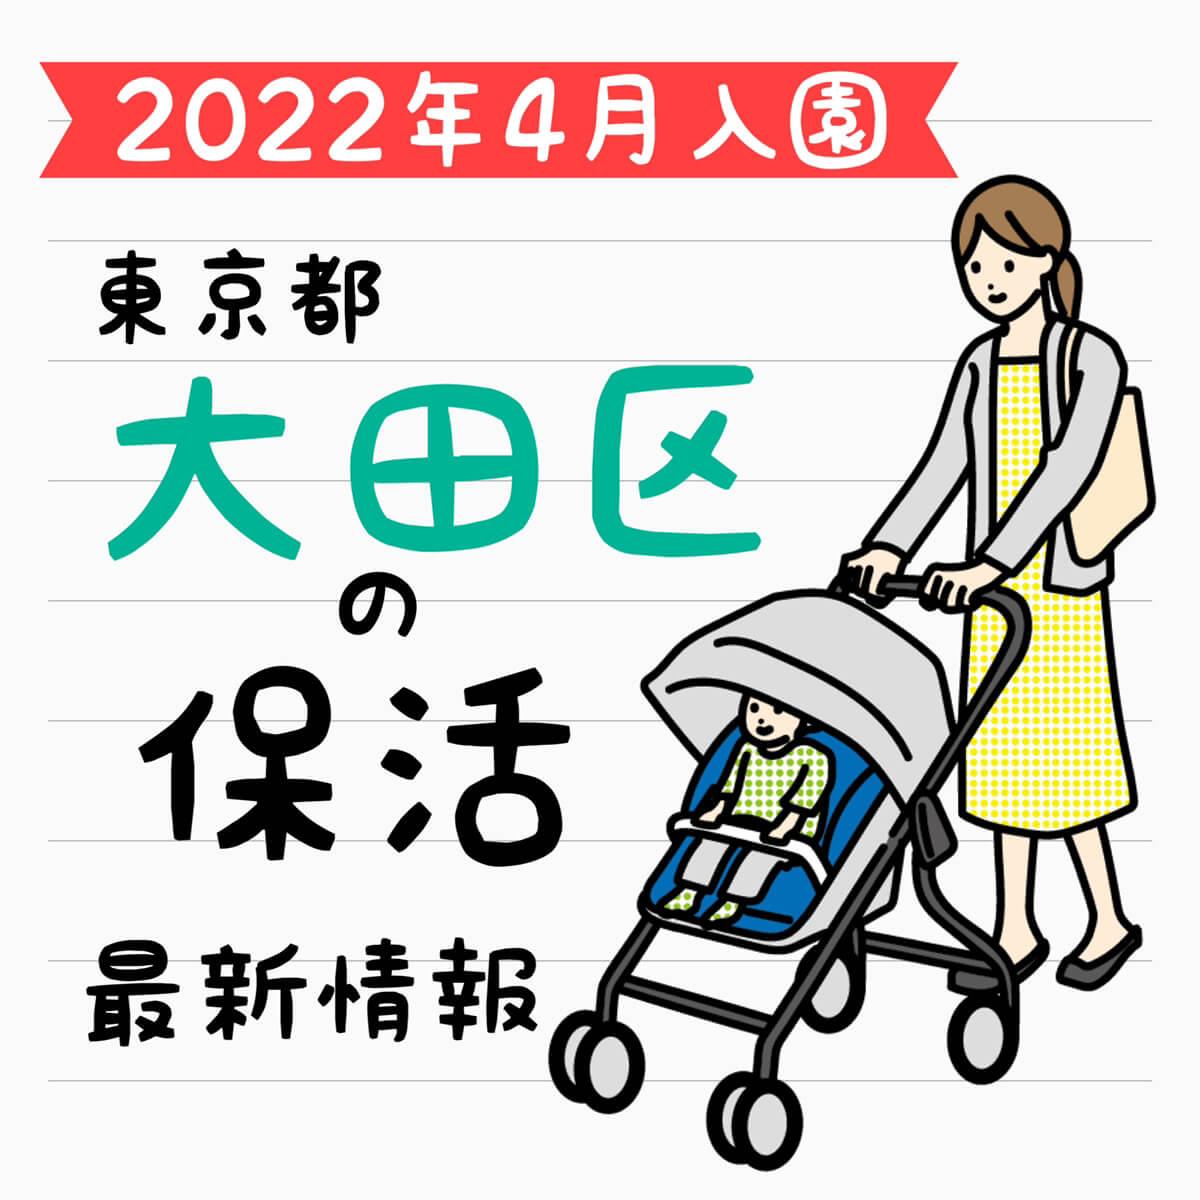 大田区保活情報メイン